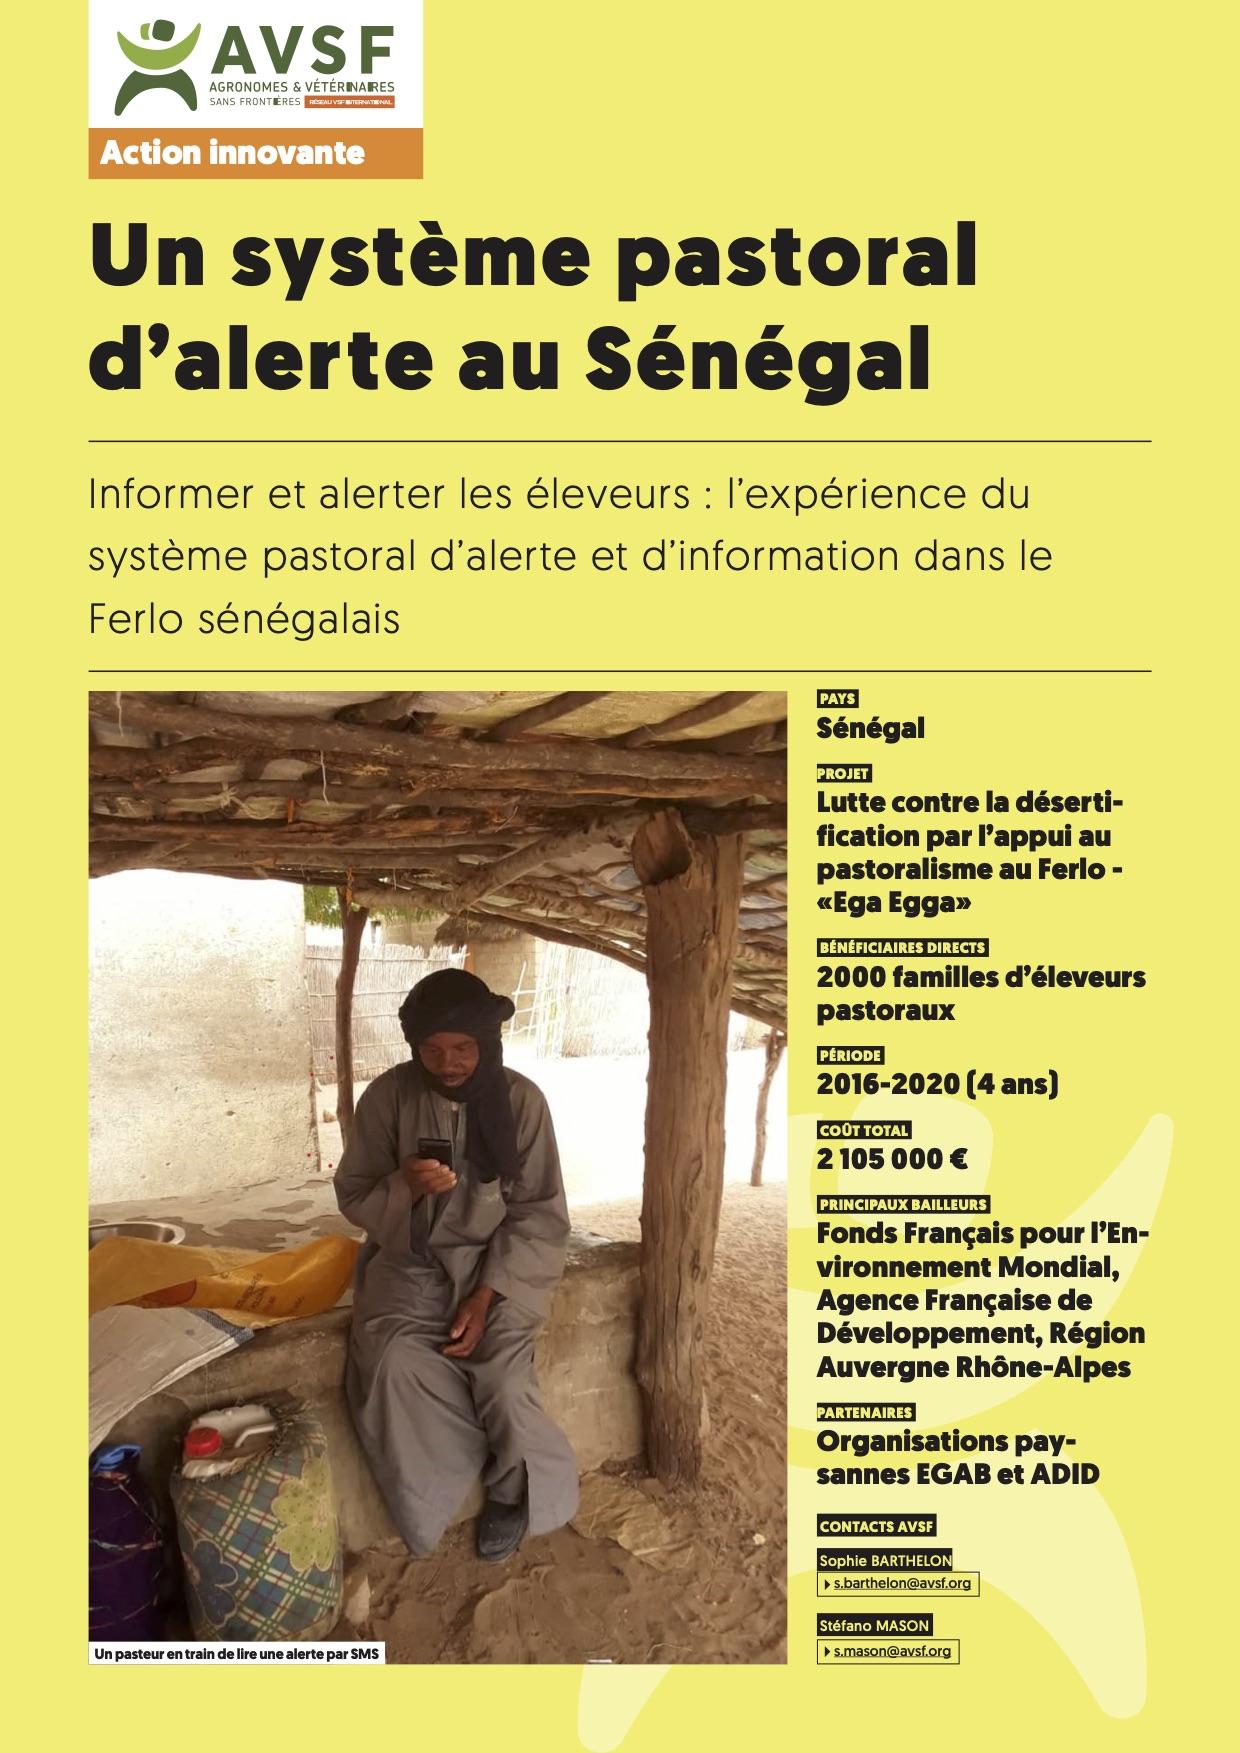 Lex expériences innovantes d'AVSF : Un système pastoral d'alerte au Sénégal Image principale